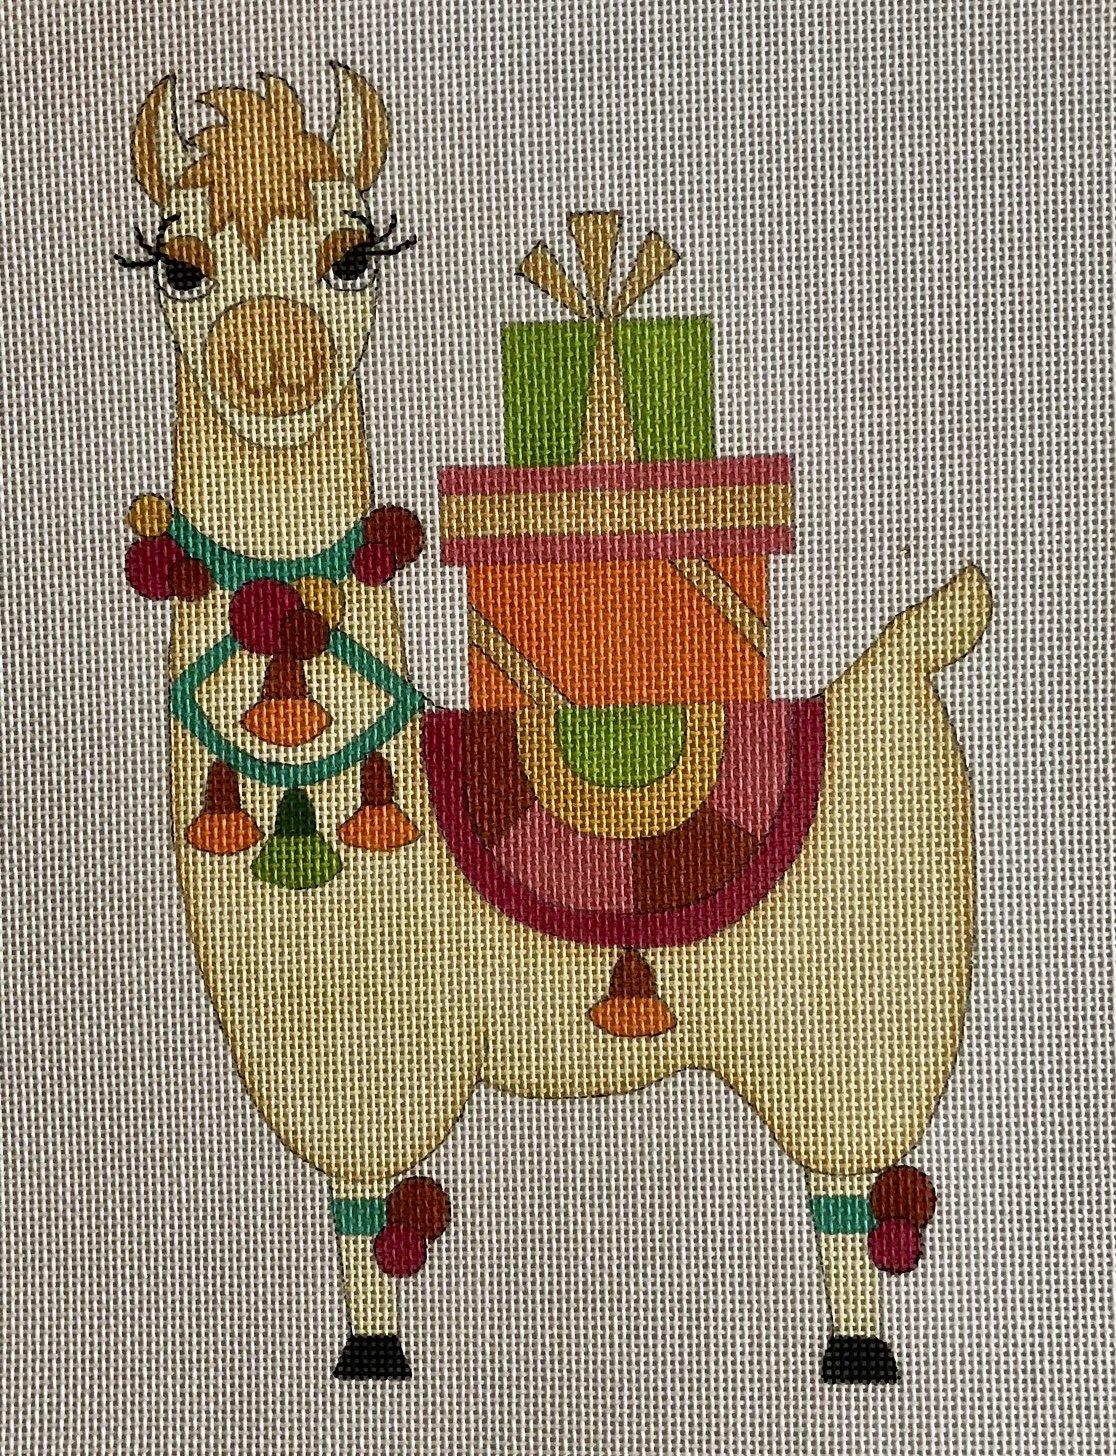 llama w presents